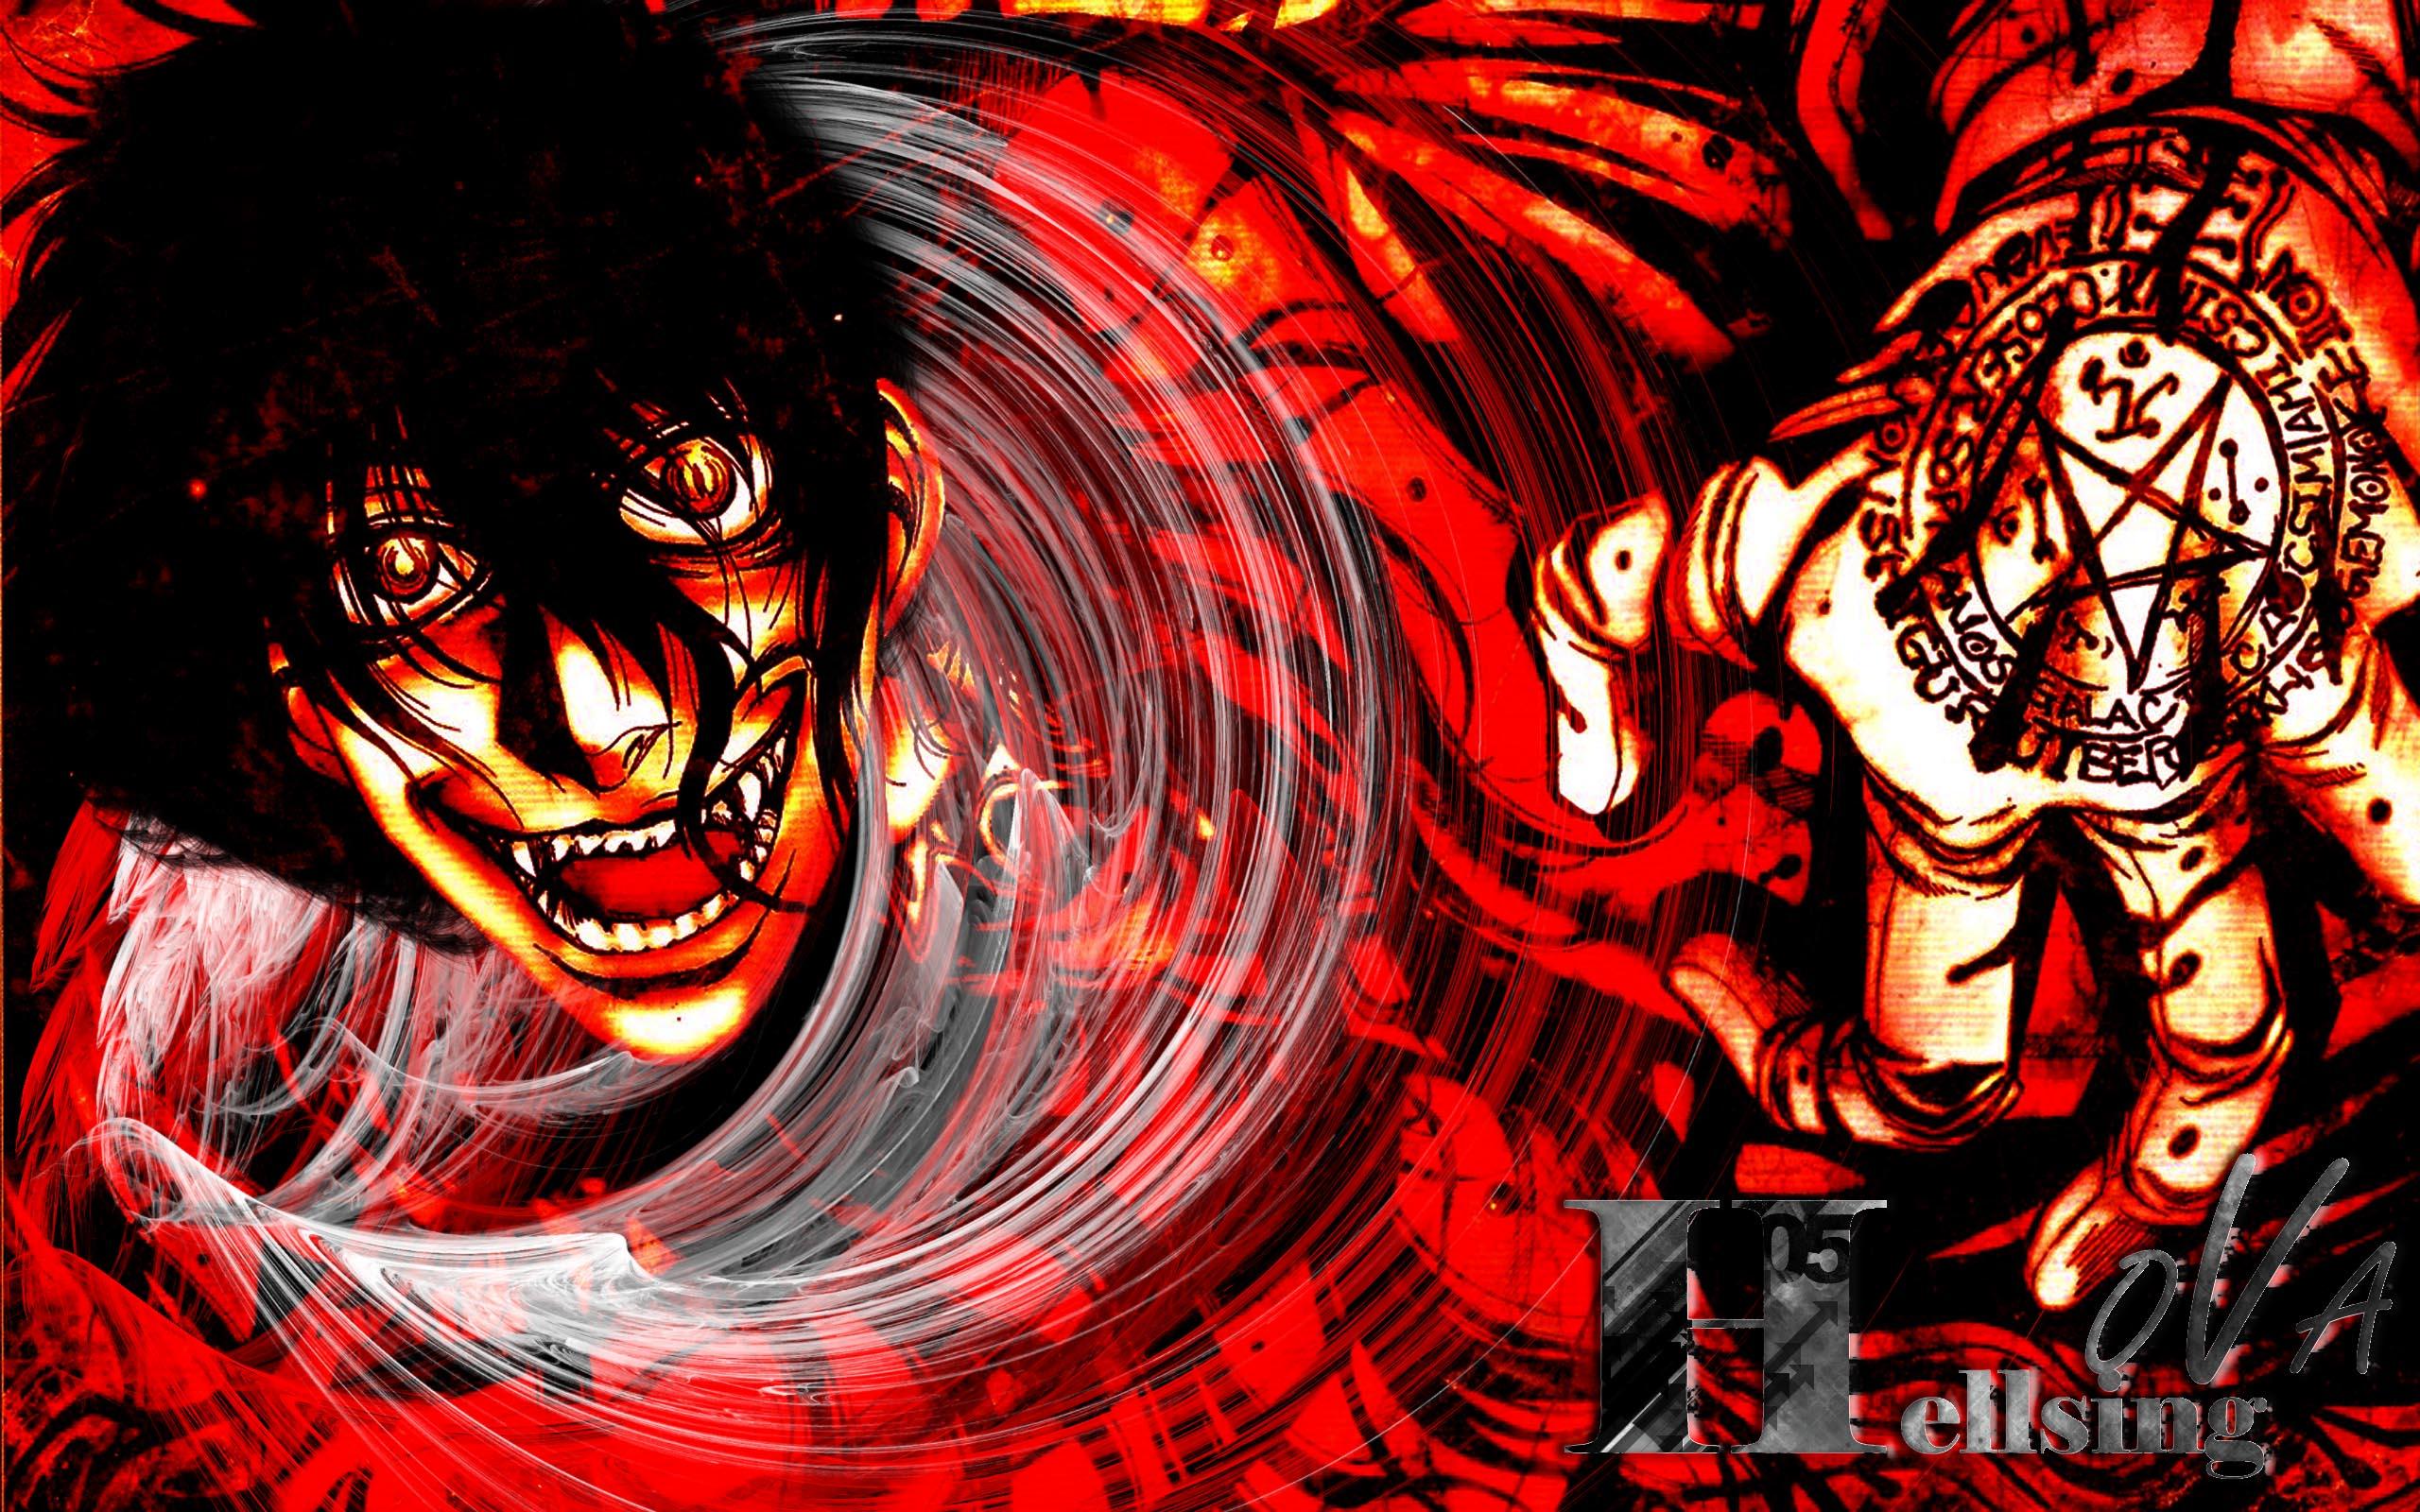 Hellsing fondo de pantalla hd fondo de escritorio - Anime hellsing wallpaper ...